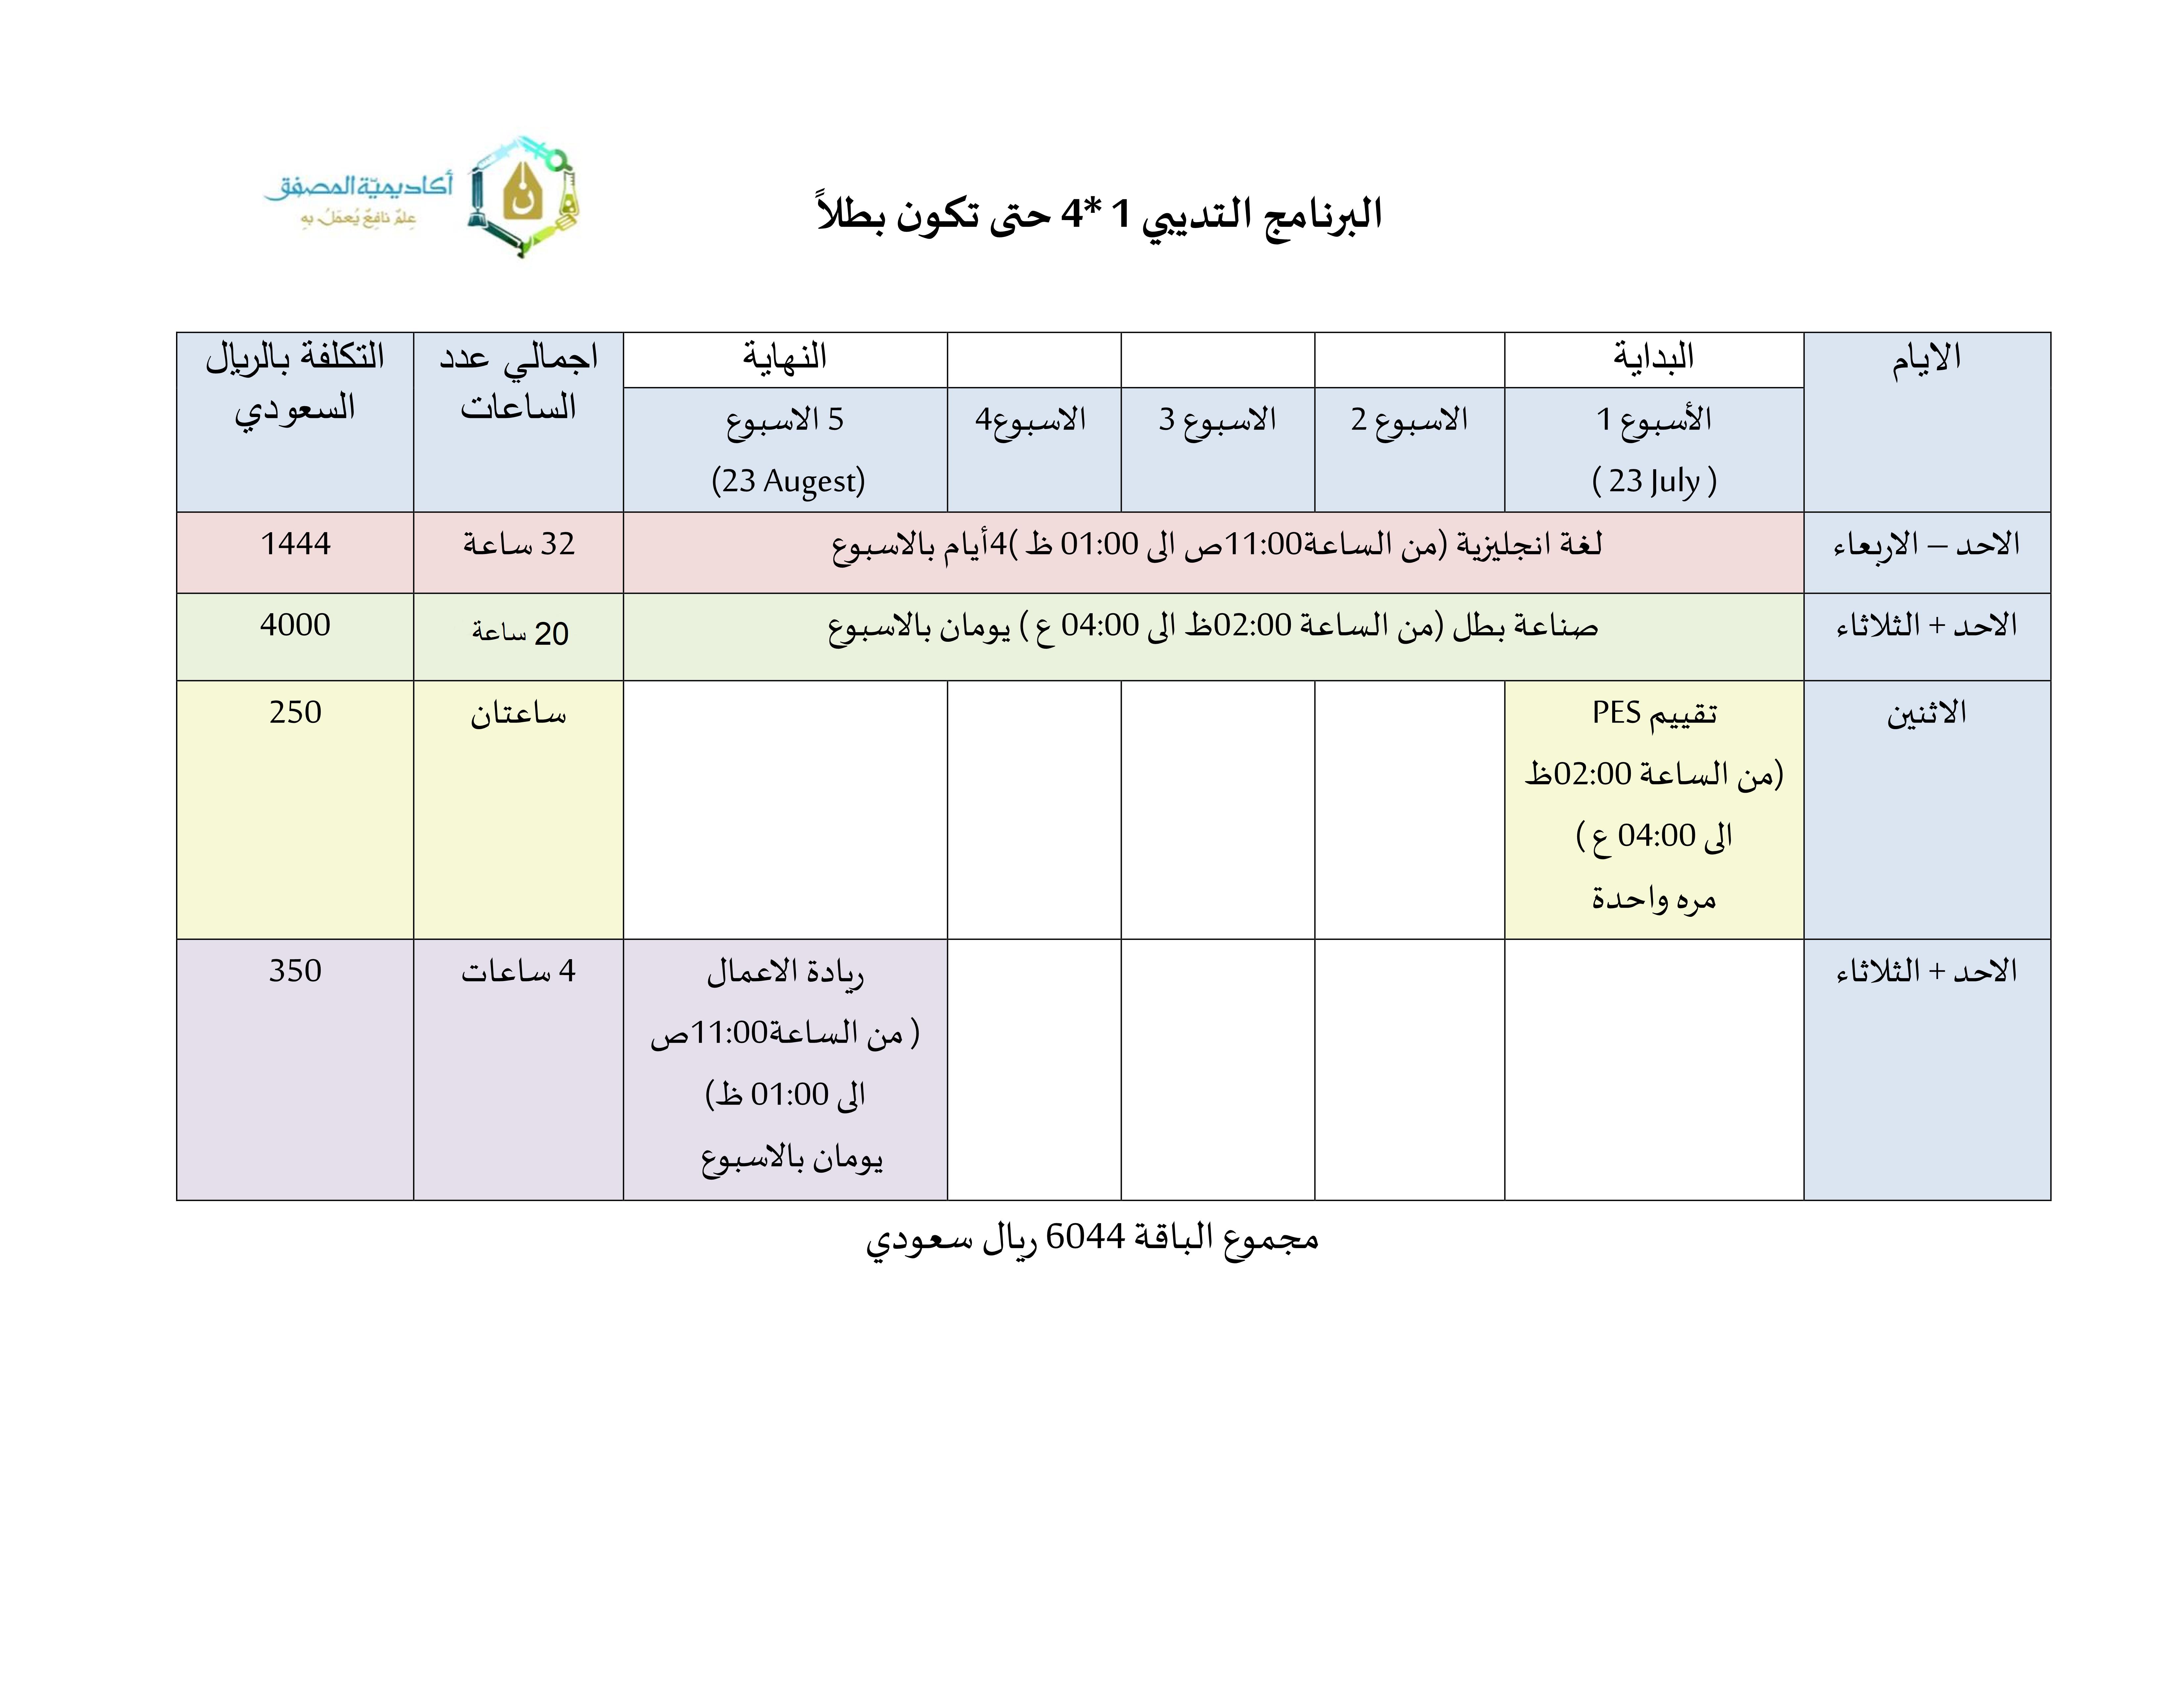 البرامج الصيفية والدورات التدريبية لرواد الاعمال بالاضافة الى التقييم الشخصي